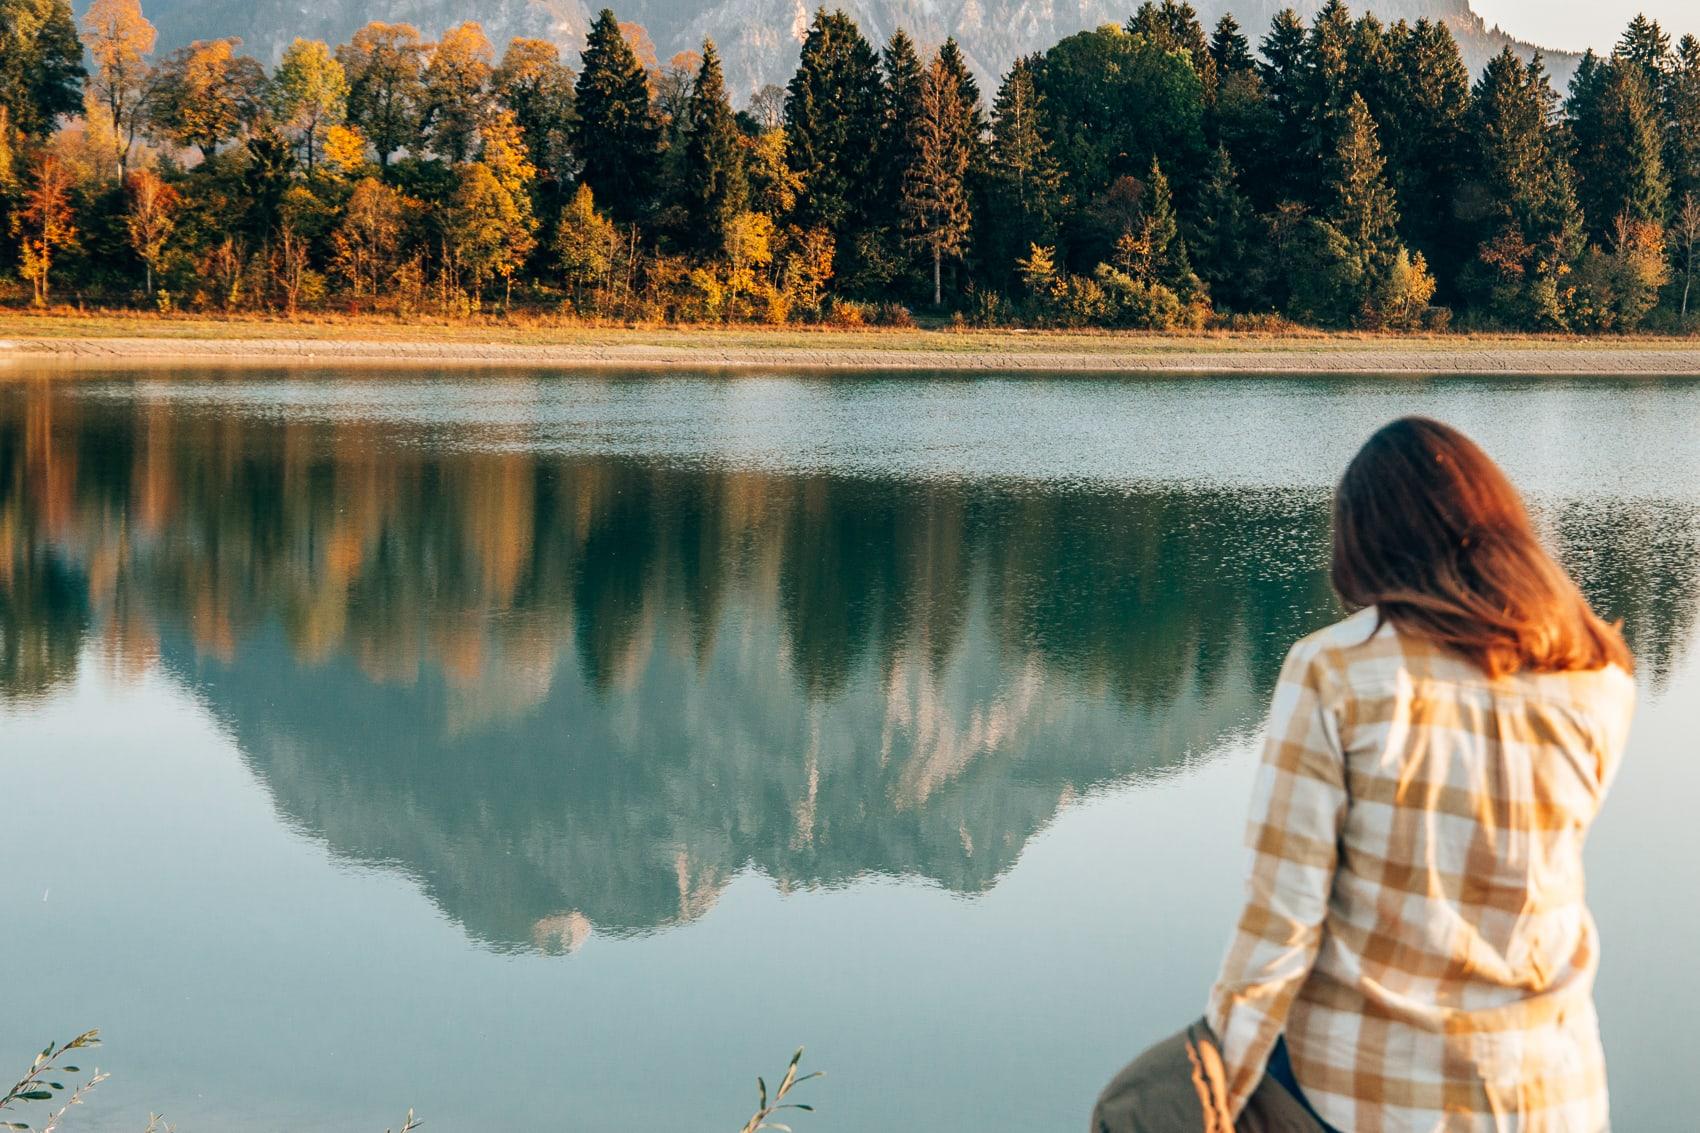 Uniqlo Herbstoutfit am Forggensee: Daunenjacke und Holzfällerhemd